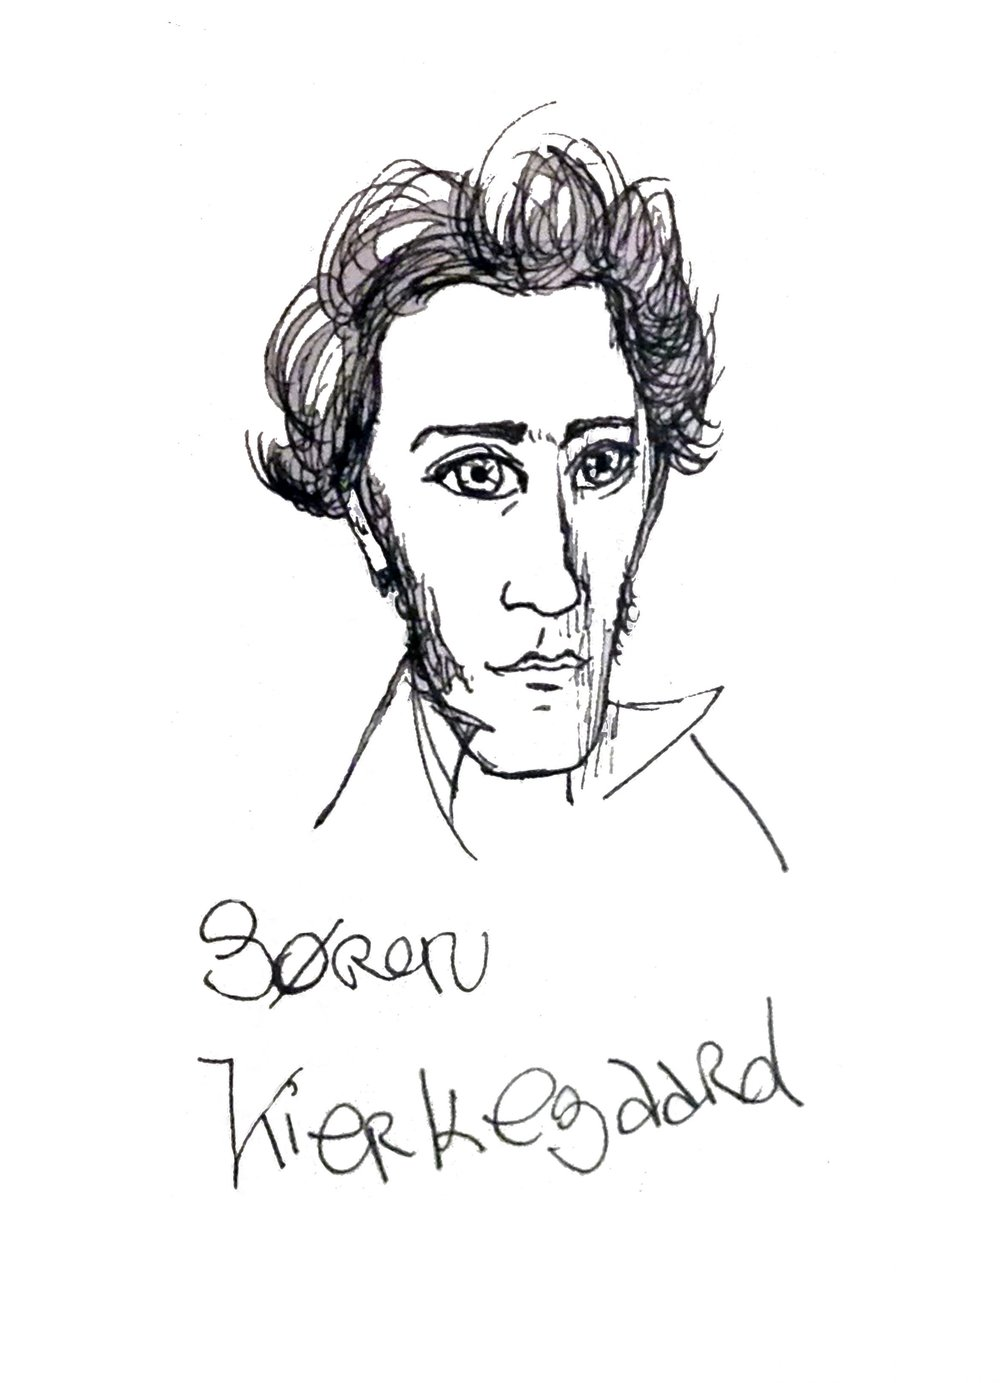 Kierkegaard.jpg